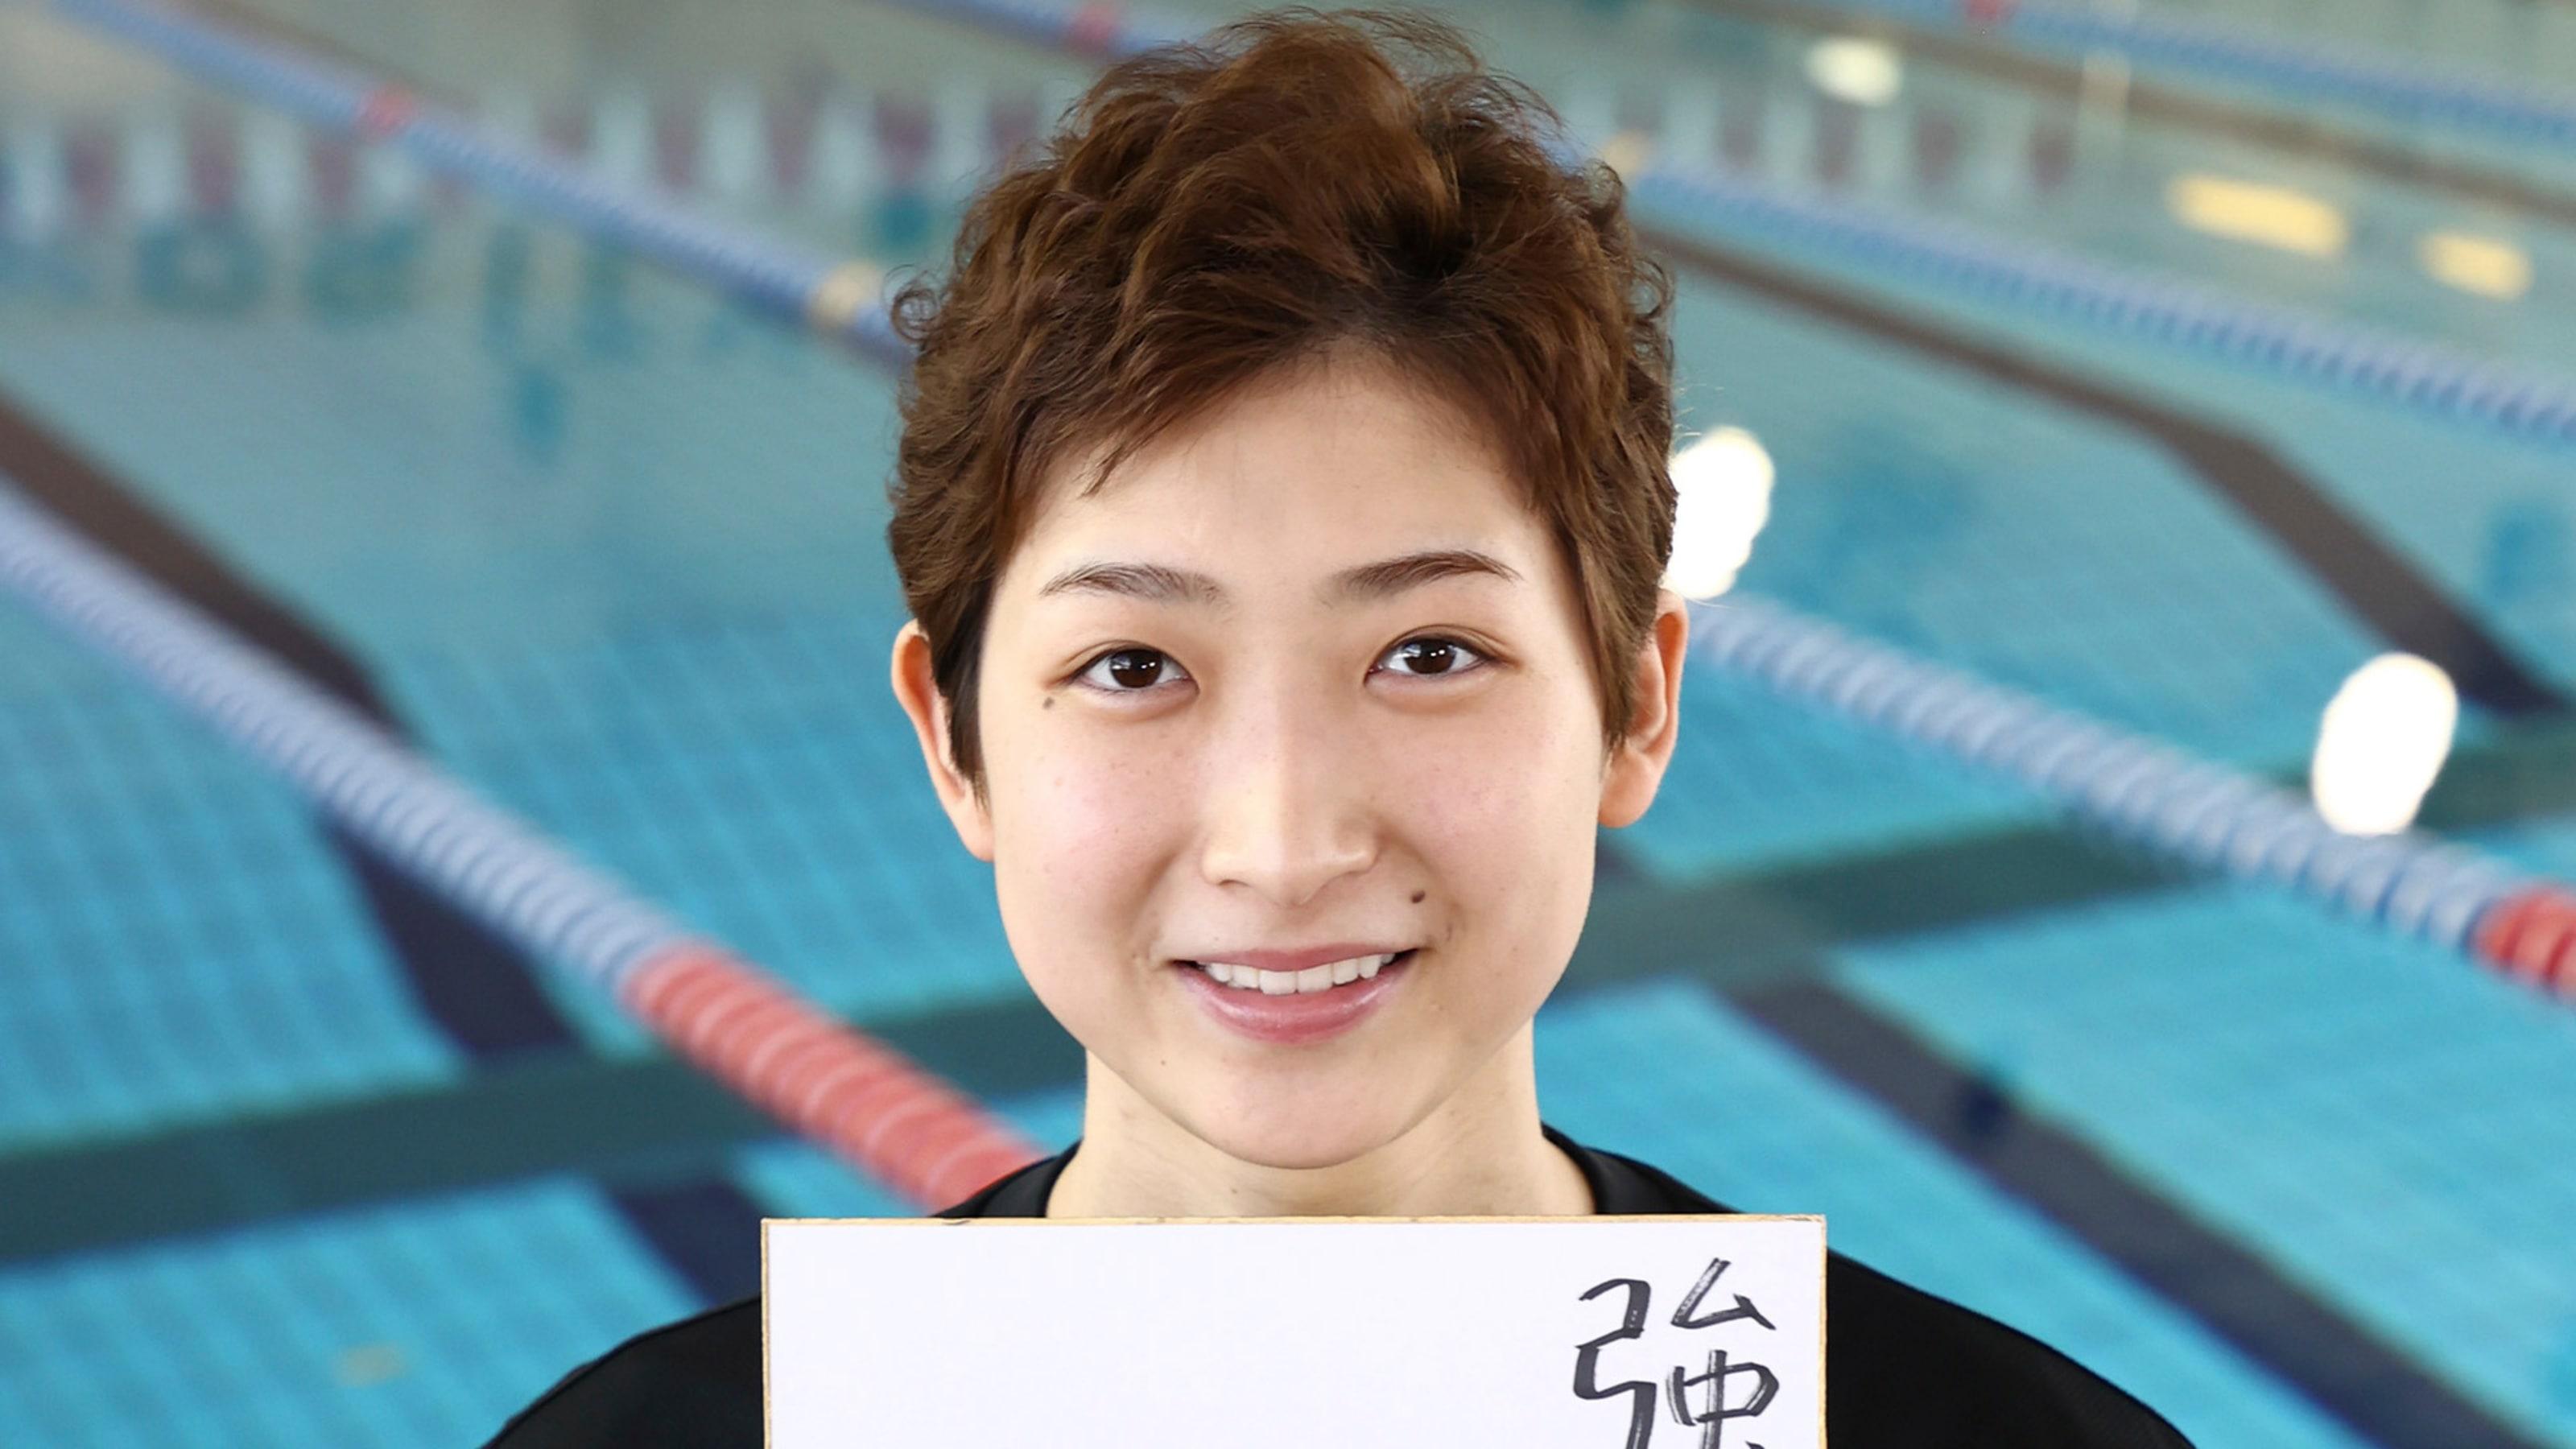 競泳・池江璃花子が20歳に!白血病公表直前から現在までを振り返る